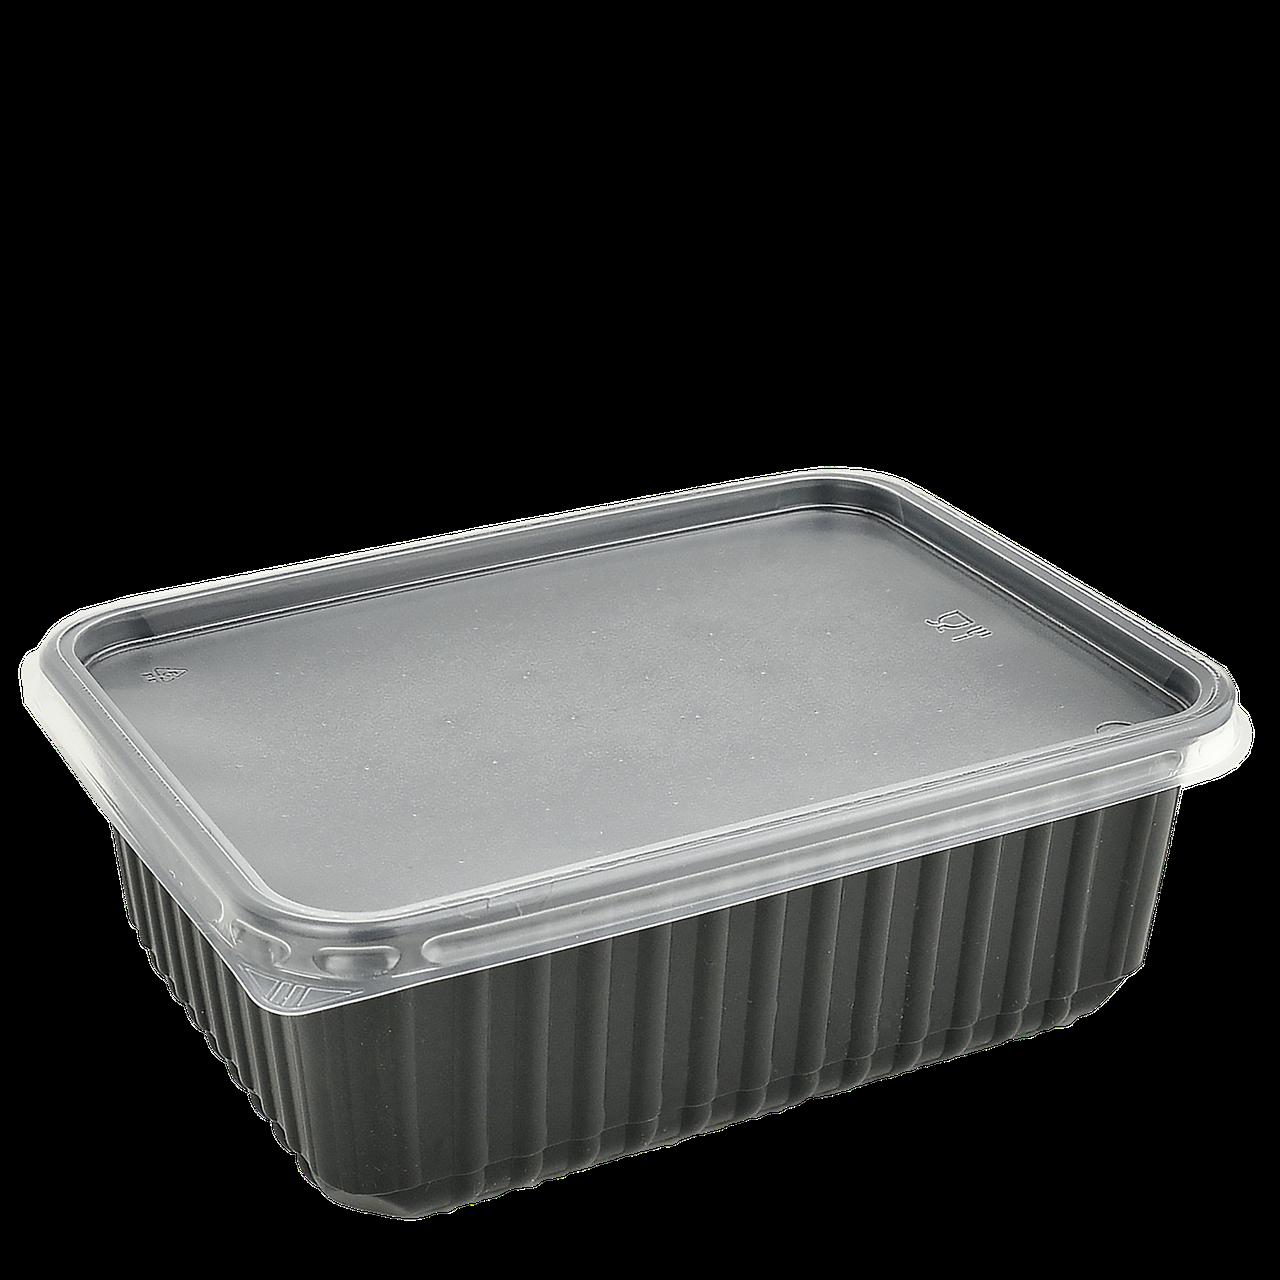 Контейнер с крышкой 1000мл Черный. Для хол.блюд и разогрева в СВЧ 179*132*64мм (50шт в уп)